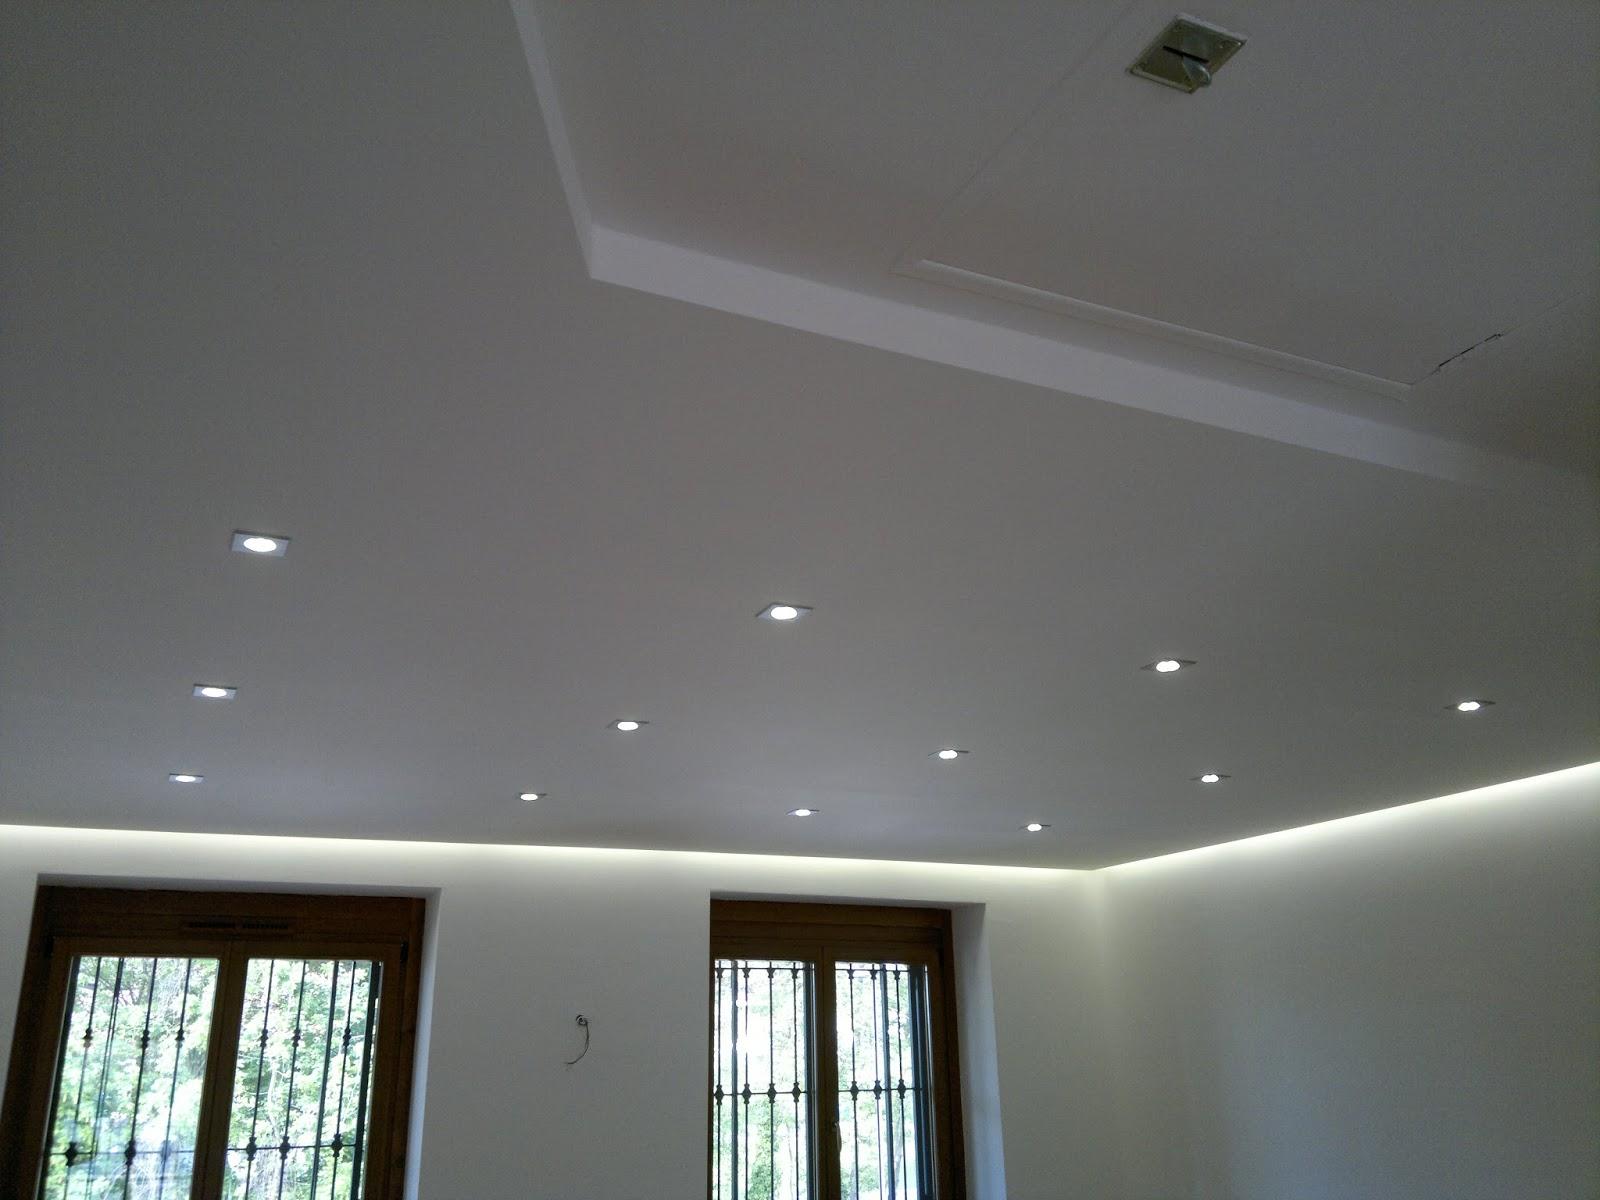 Illuminazione Led casa: Illuminare a Led gli ambienti con Faretti Led da inca...